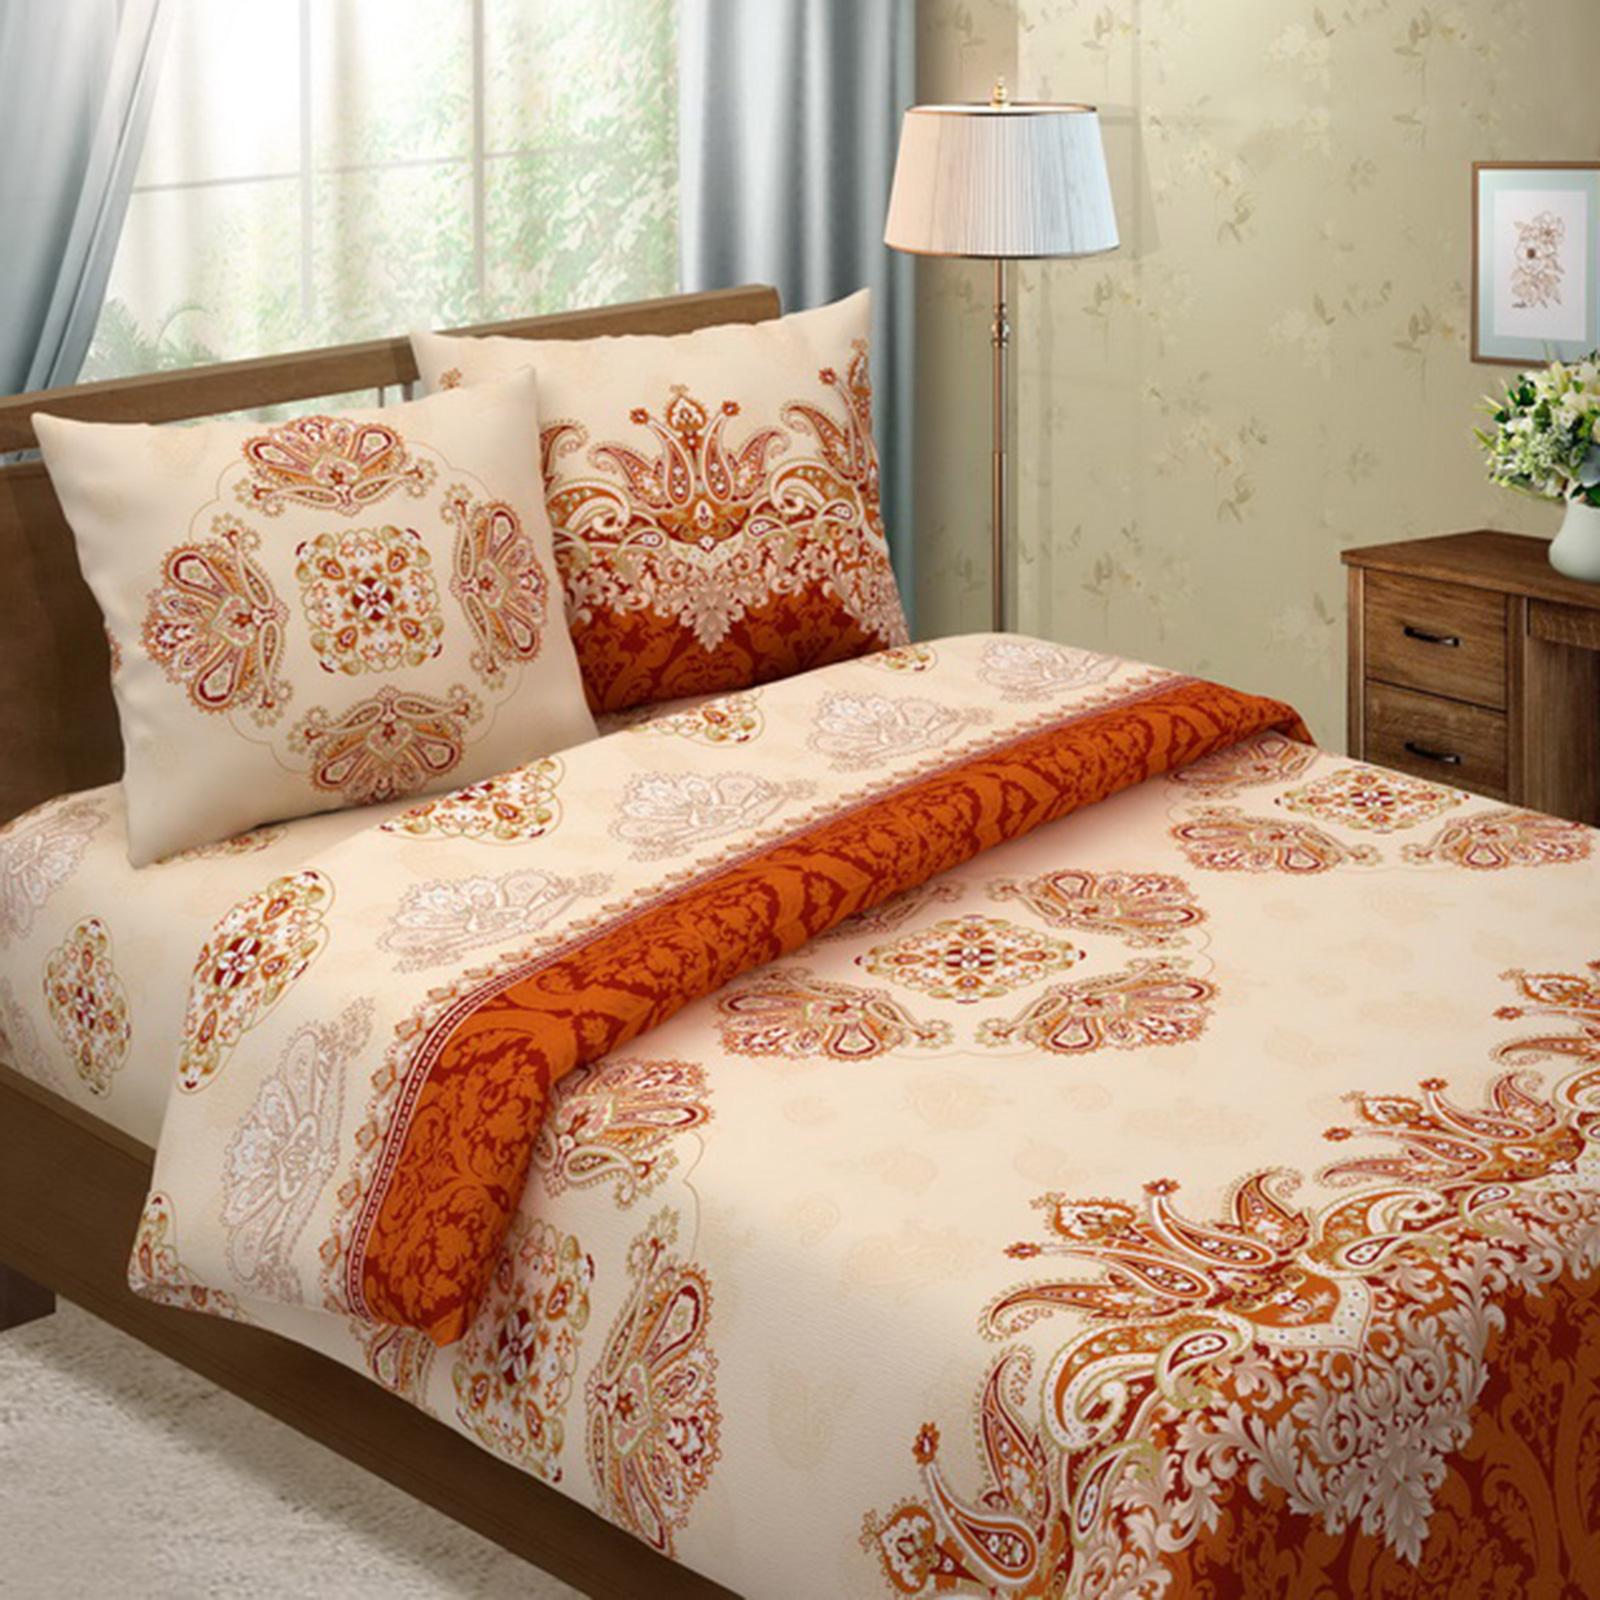 Комплект постельного белья «Королевский орнамент»